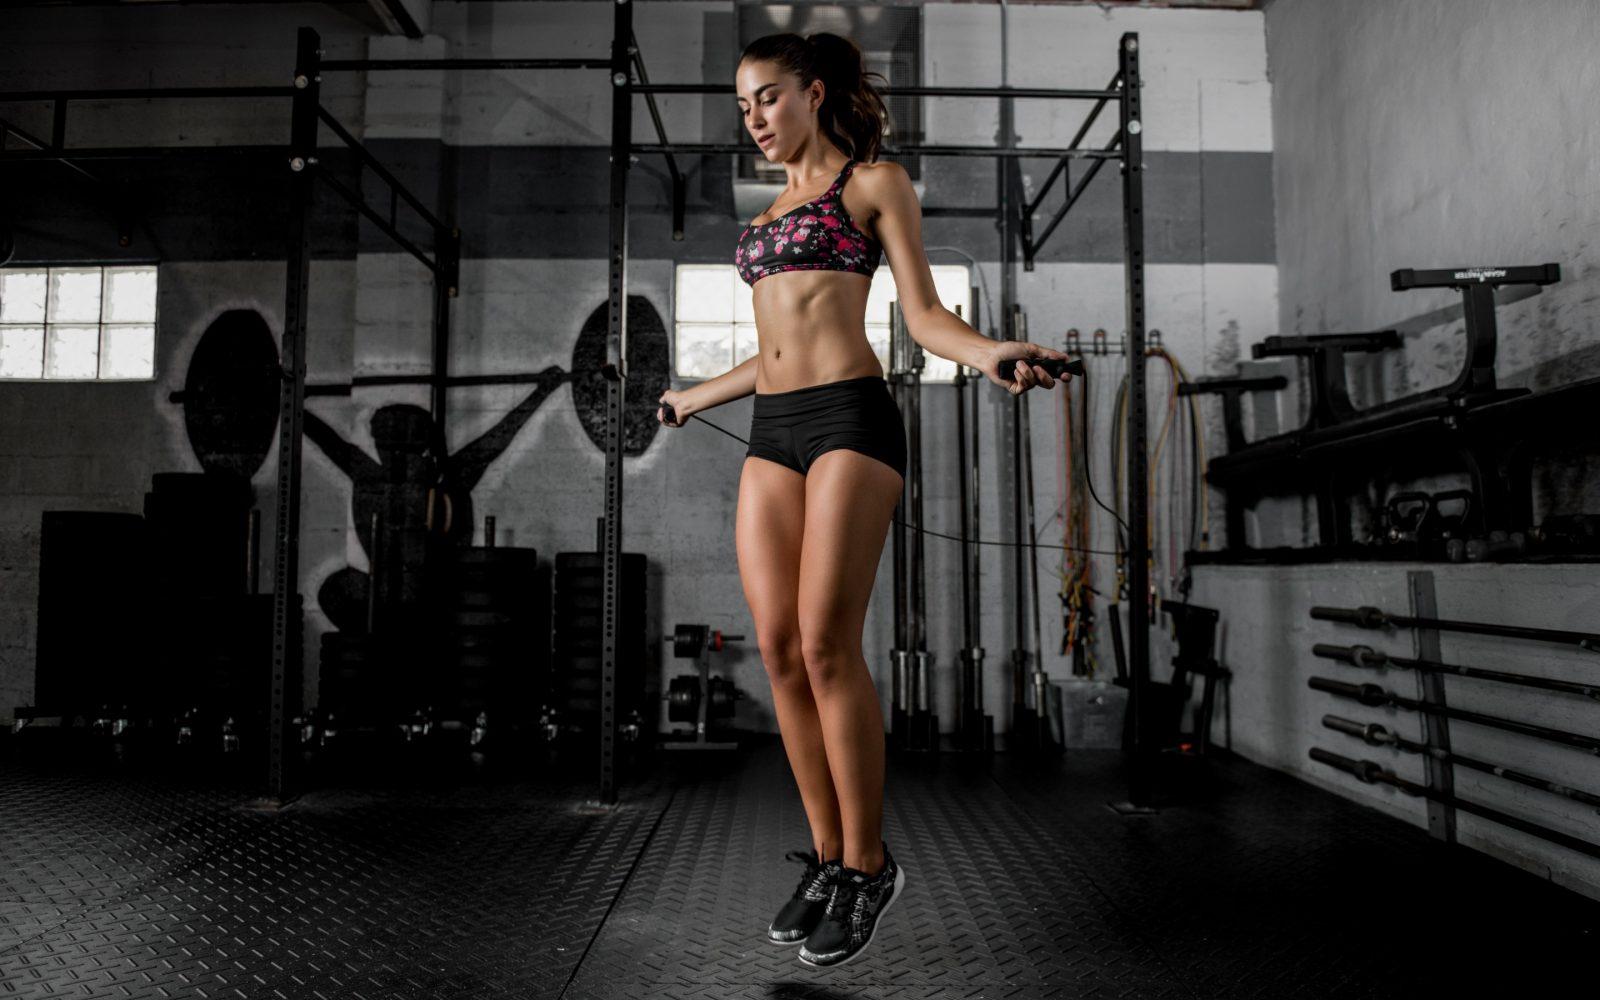 Аэробная тренировка в тренажерном зале: девушка прыгает на скакалке